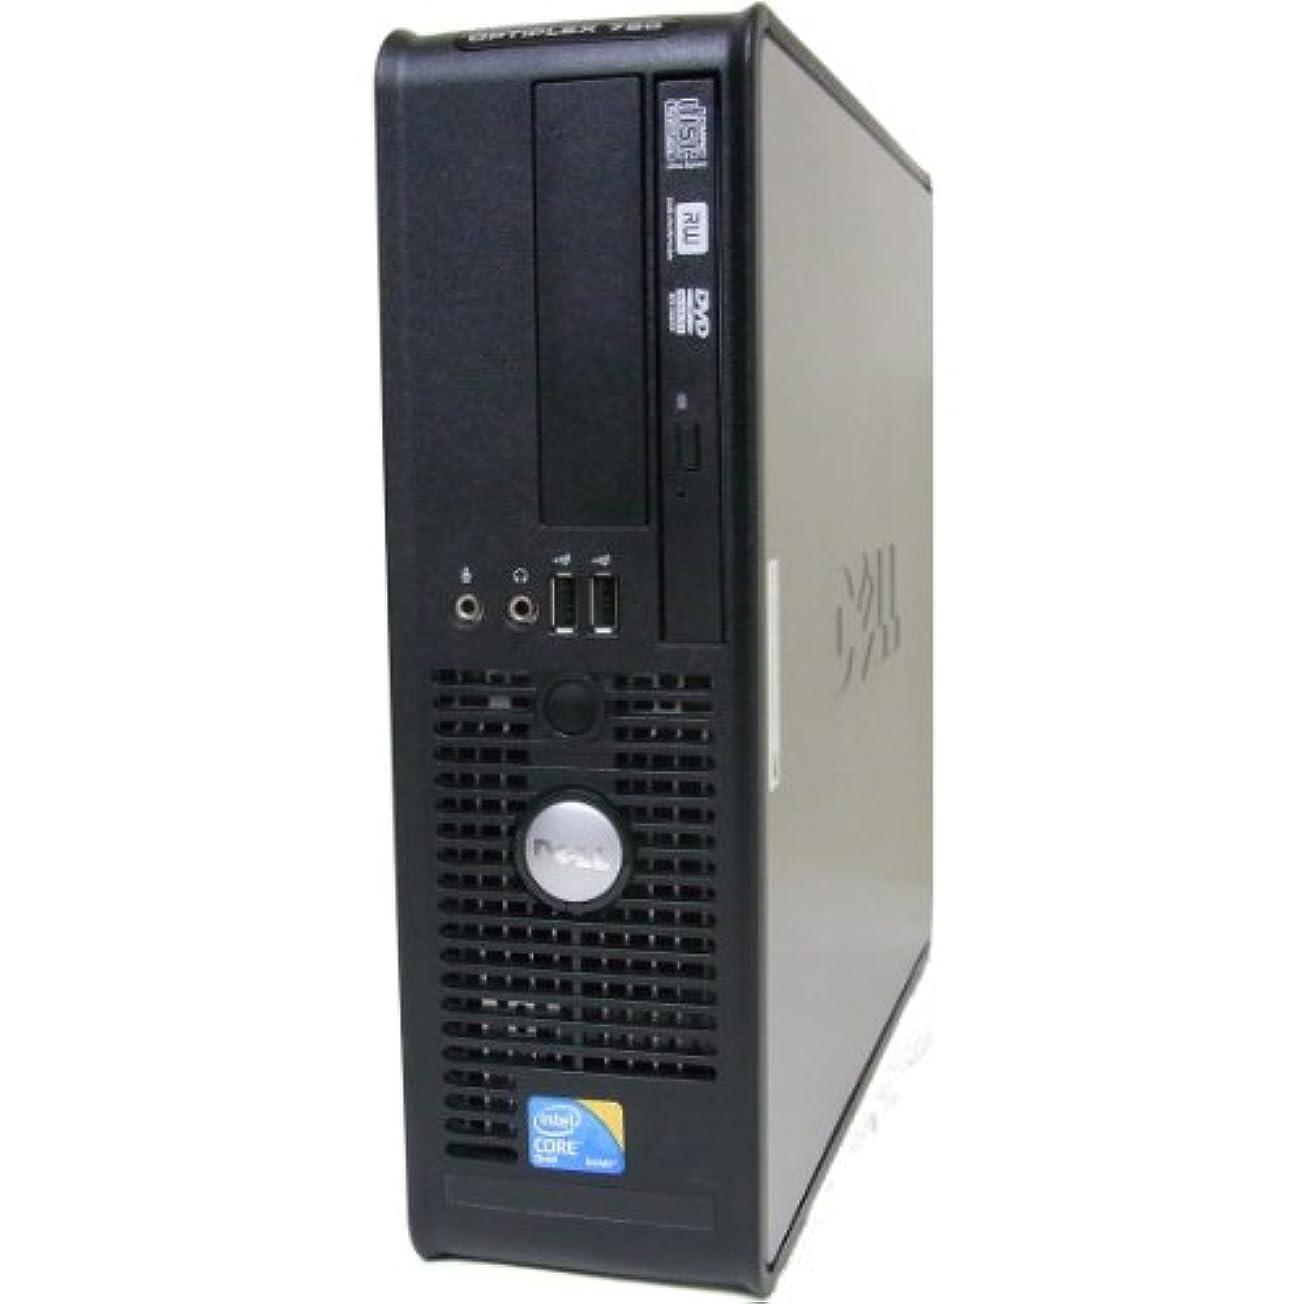 昇るペチュランス利得パソコン デスクトップ DELL OptiPlex 780 SFF Core2Quad Q9650 3.00GHz 4GBメモリ 320GB Sマルチ Windows7 Pro 搭載 リカバリーディスク付属